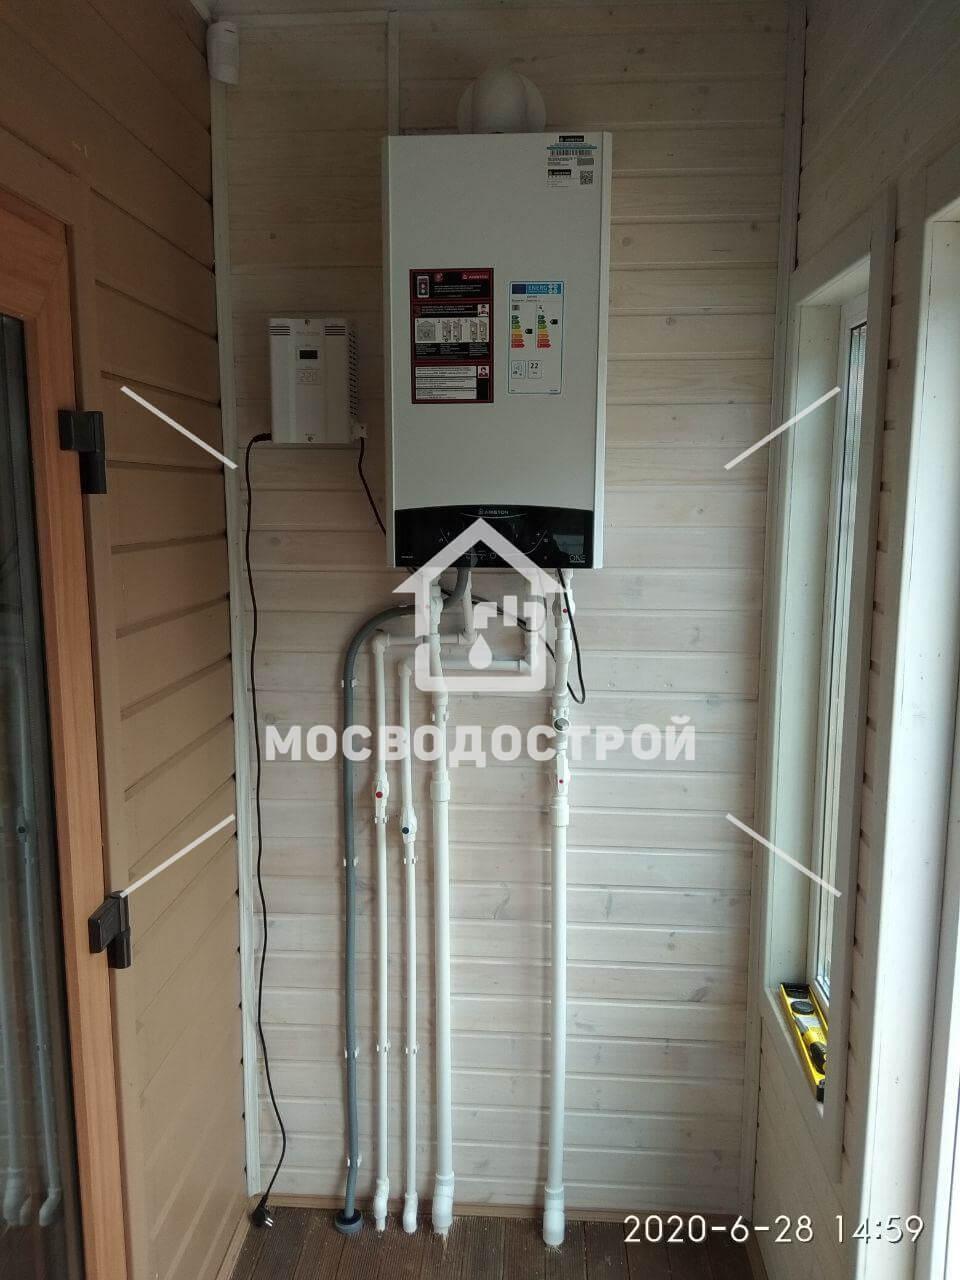 Автономное отопление загородного дома под ключ в Пушкино